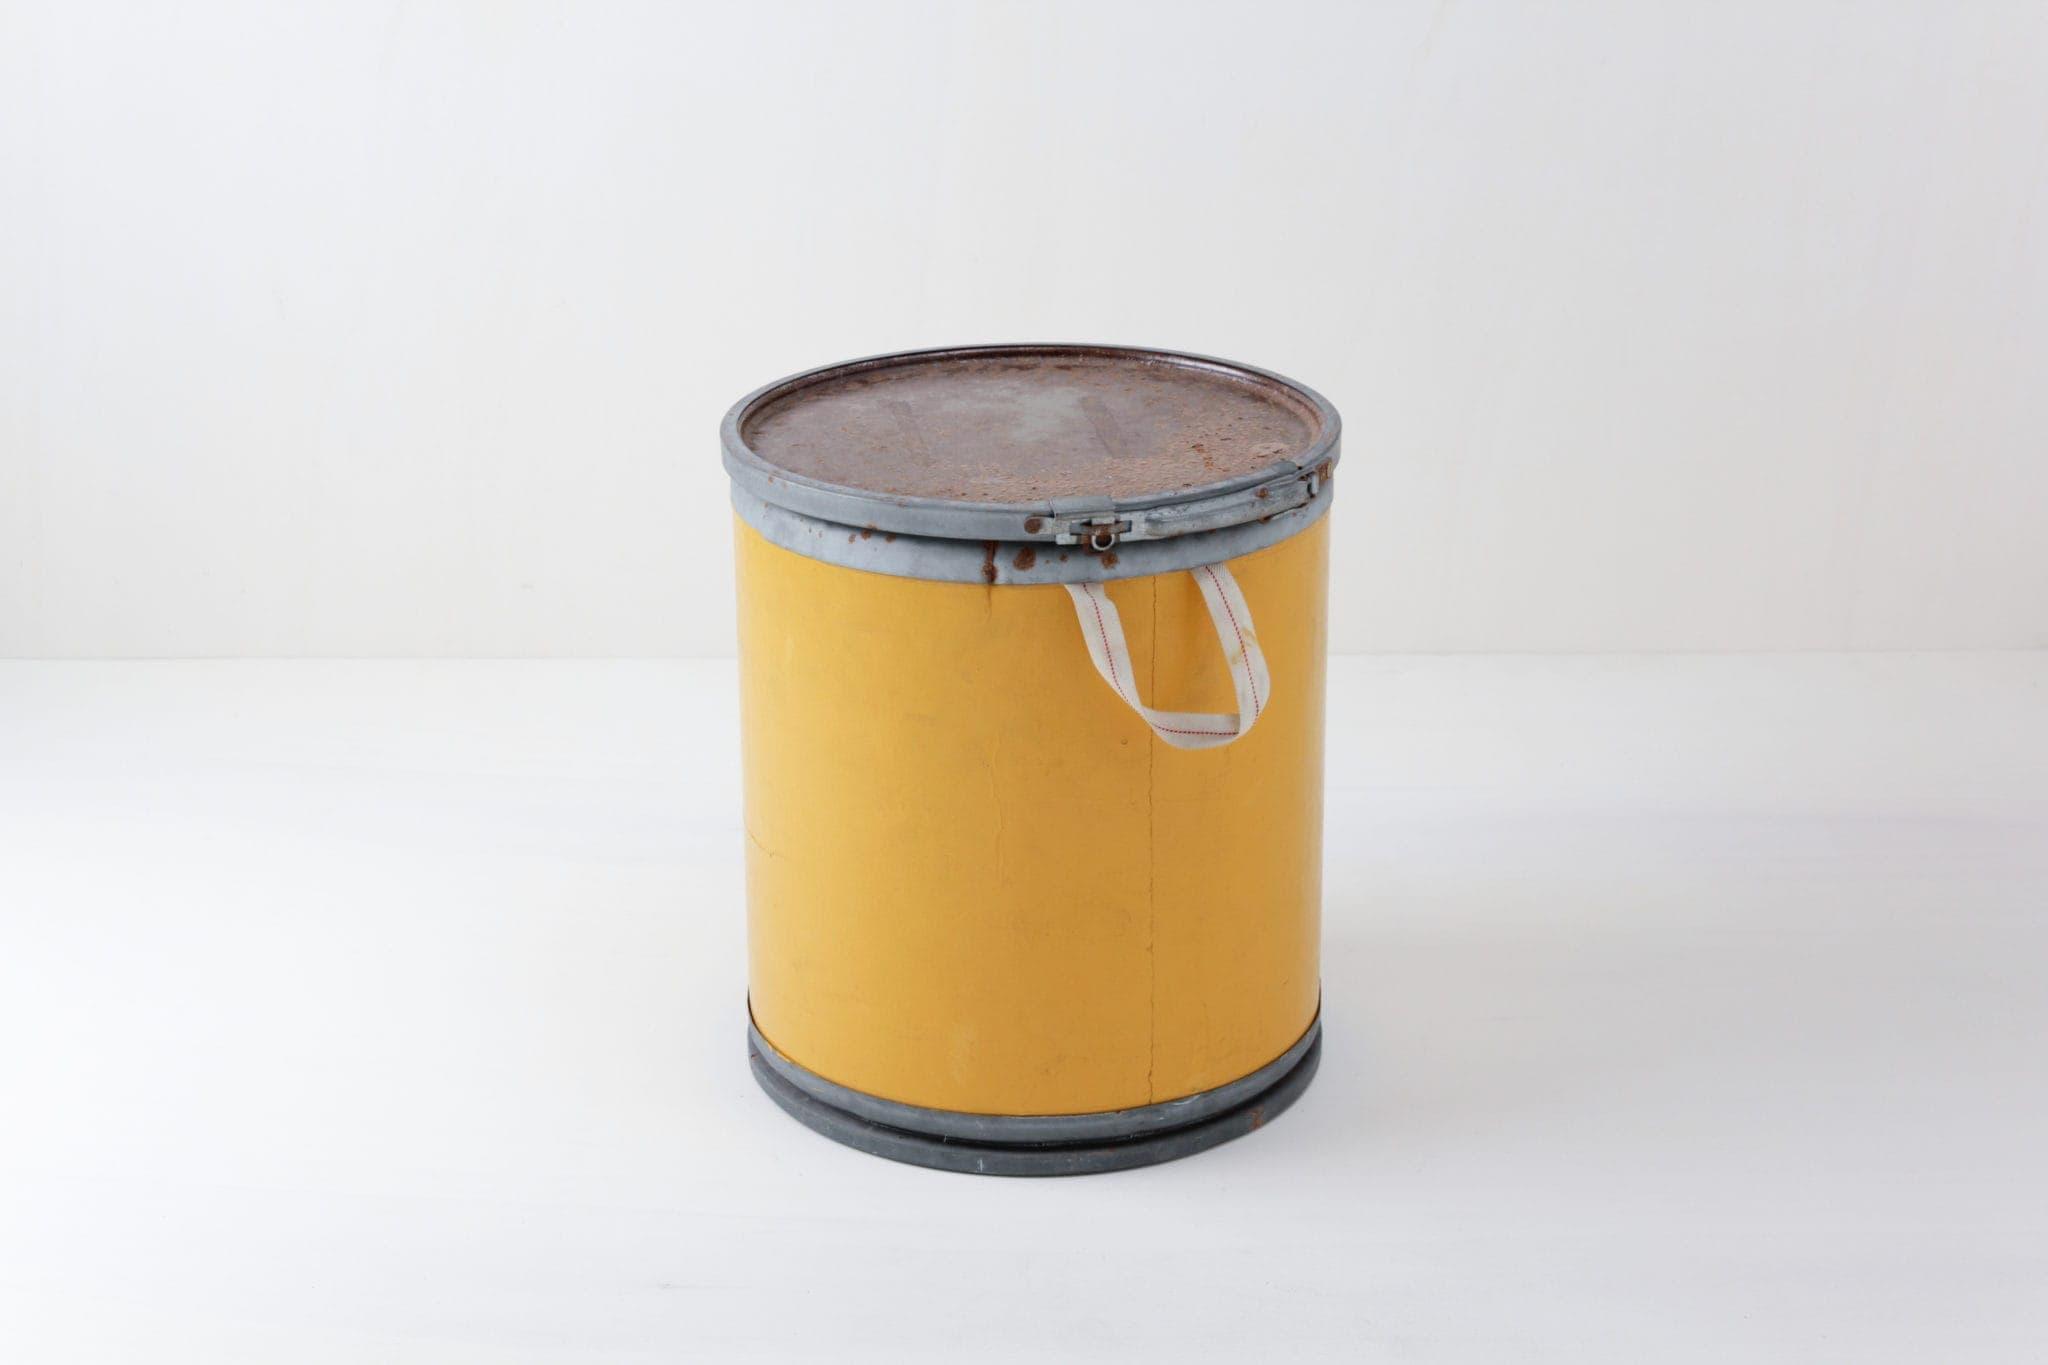 Papiereimer Benita | Eimer mit gelbem Mantel. Sehr 1970's durch das einfache Design und die saftige Farbe. | gotvintage Rental & Event Design